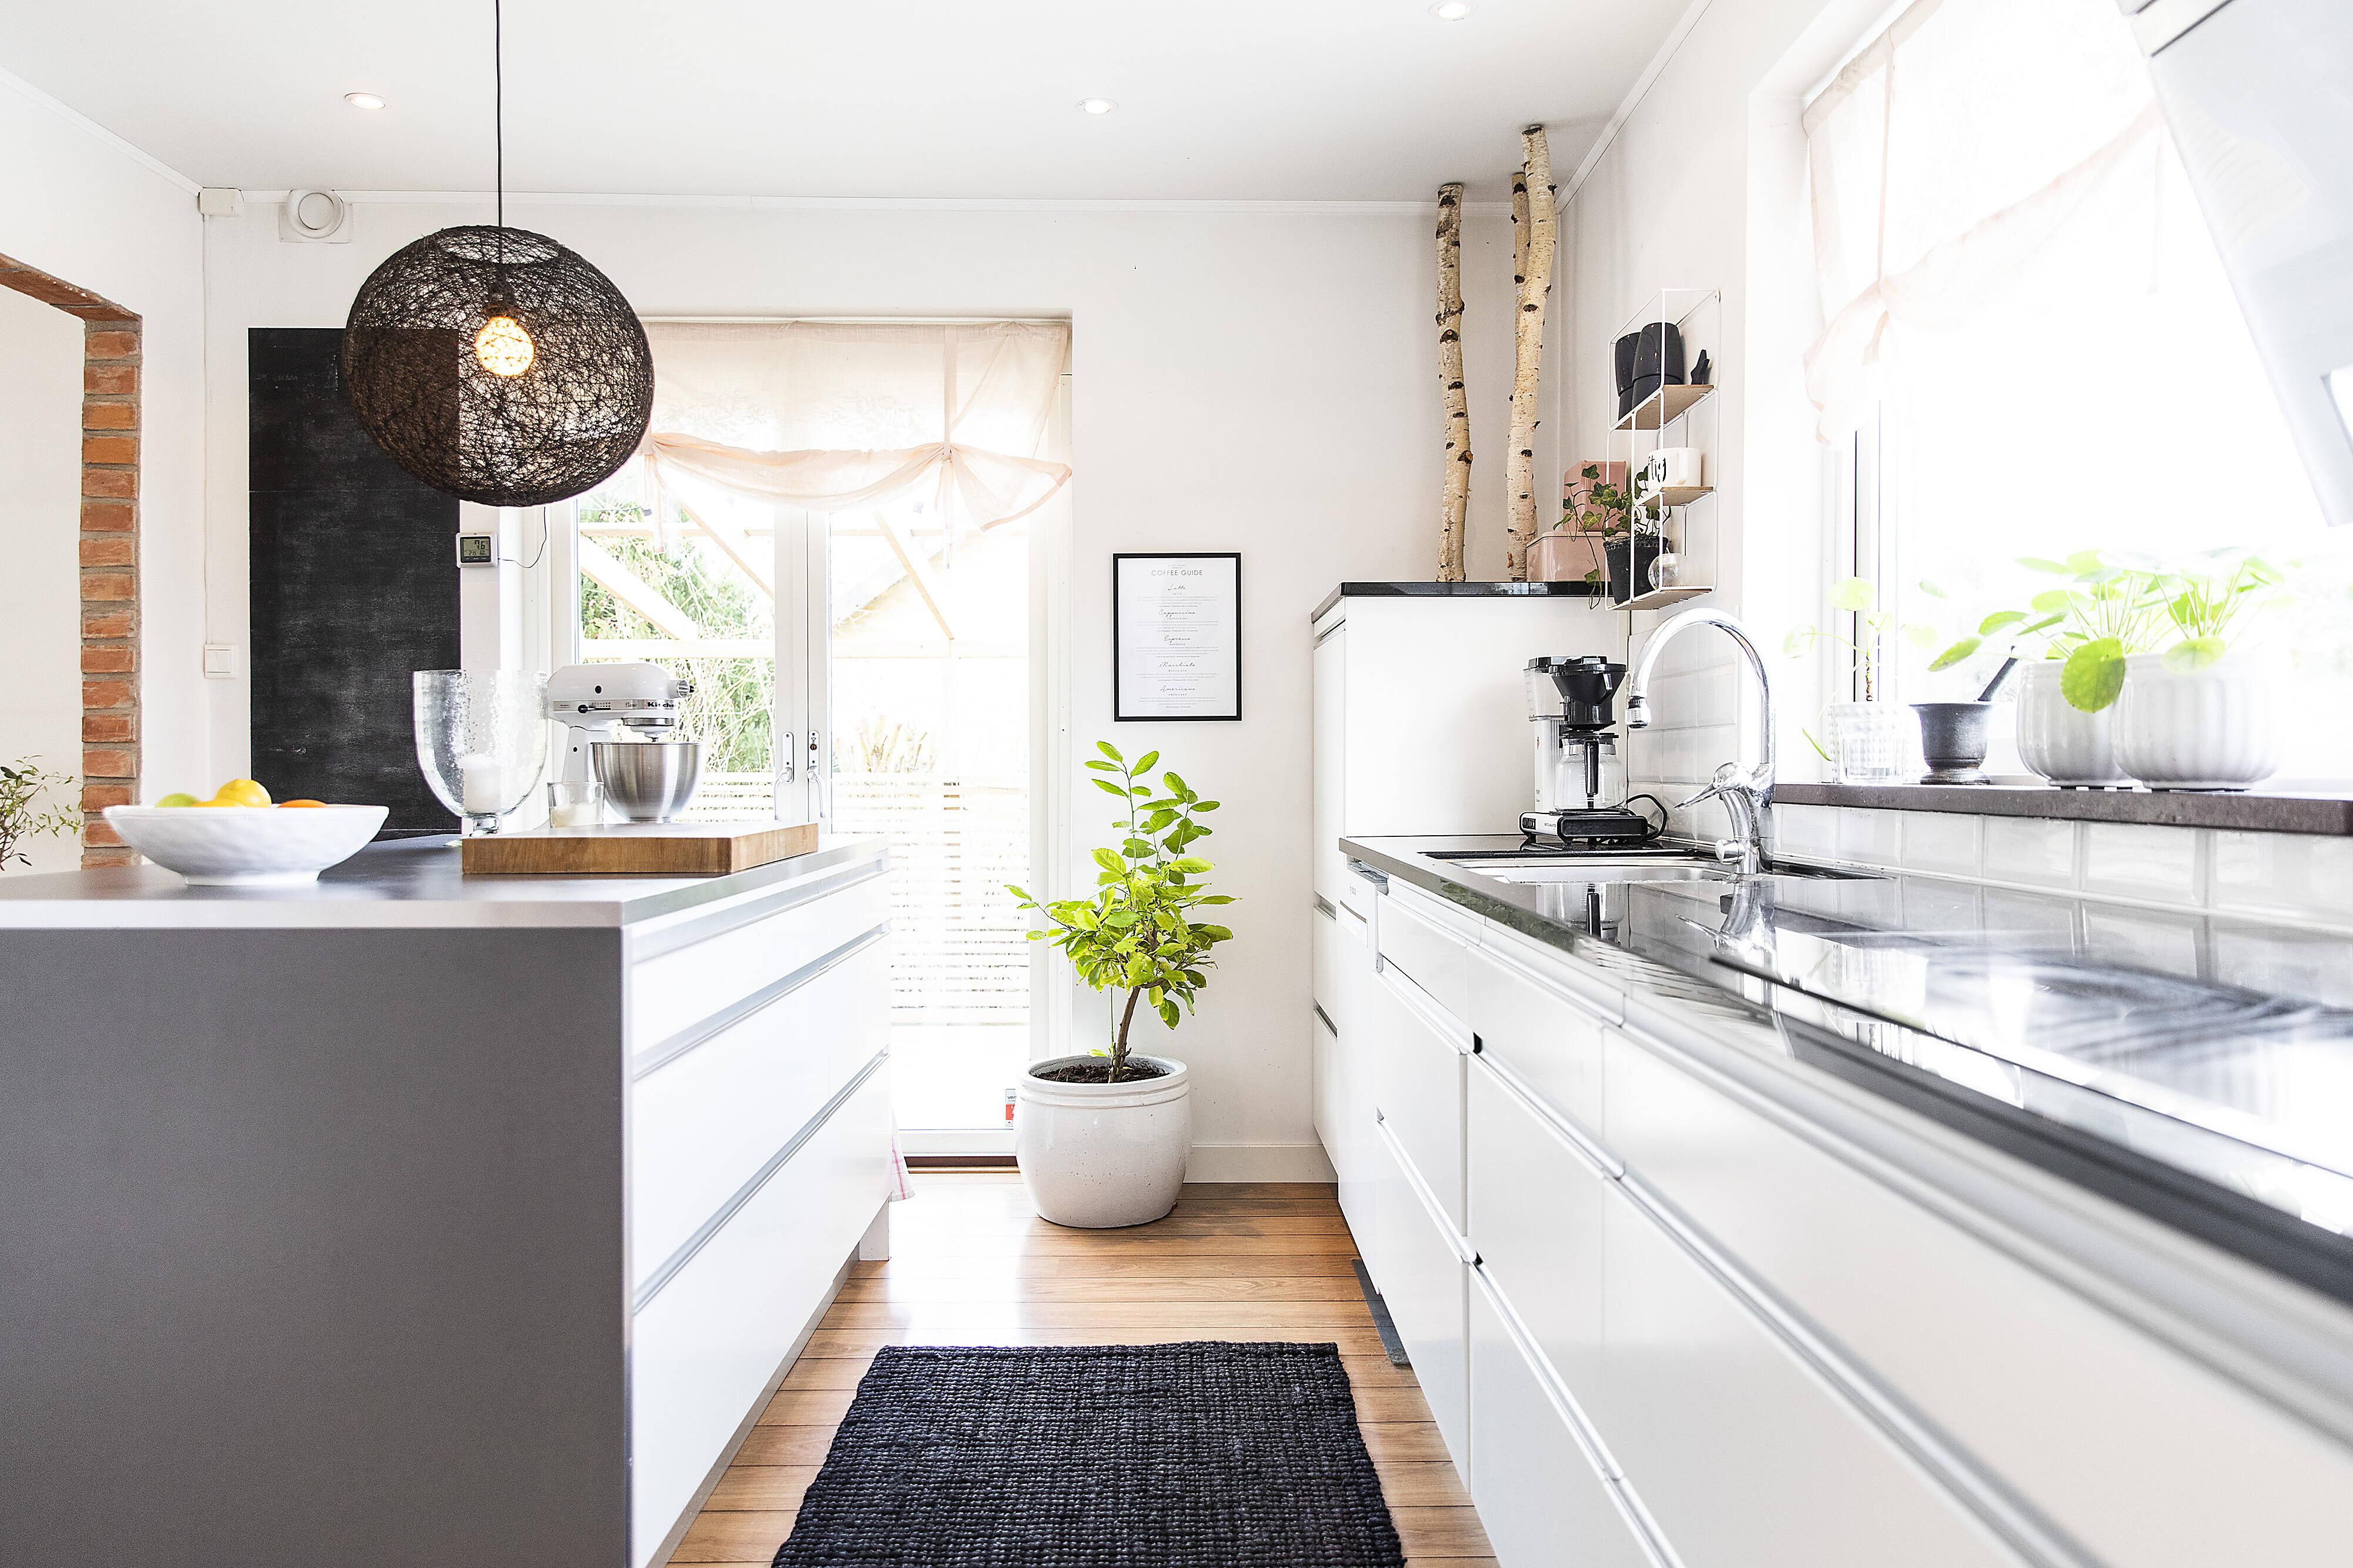 praktiskt och genomtänkt kök